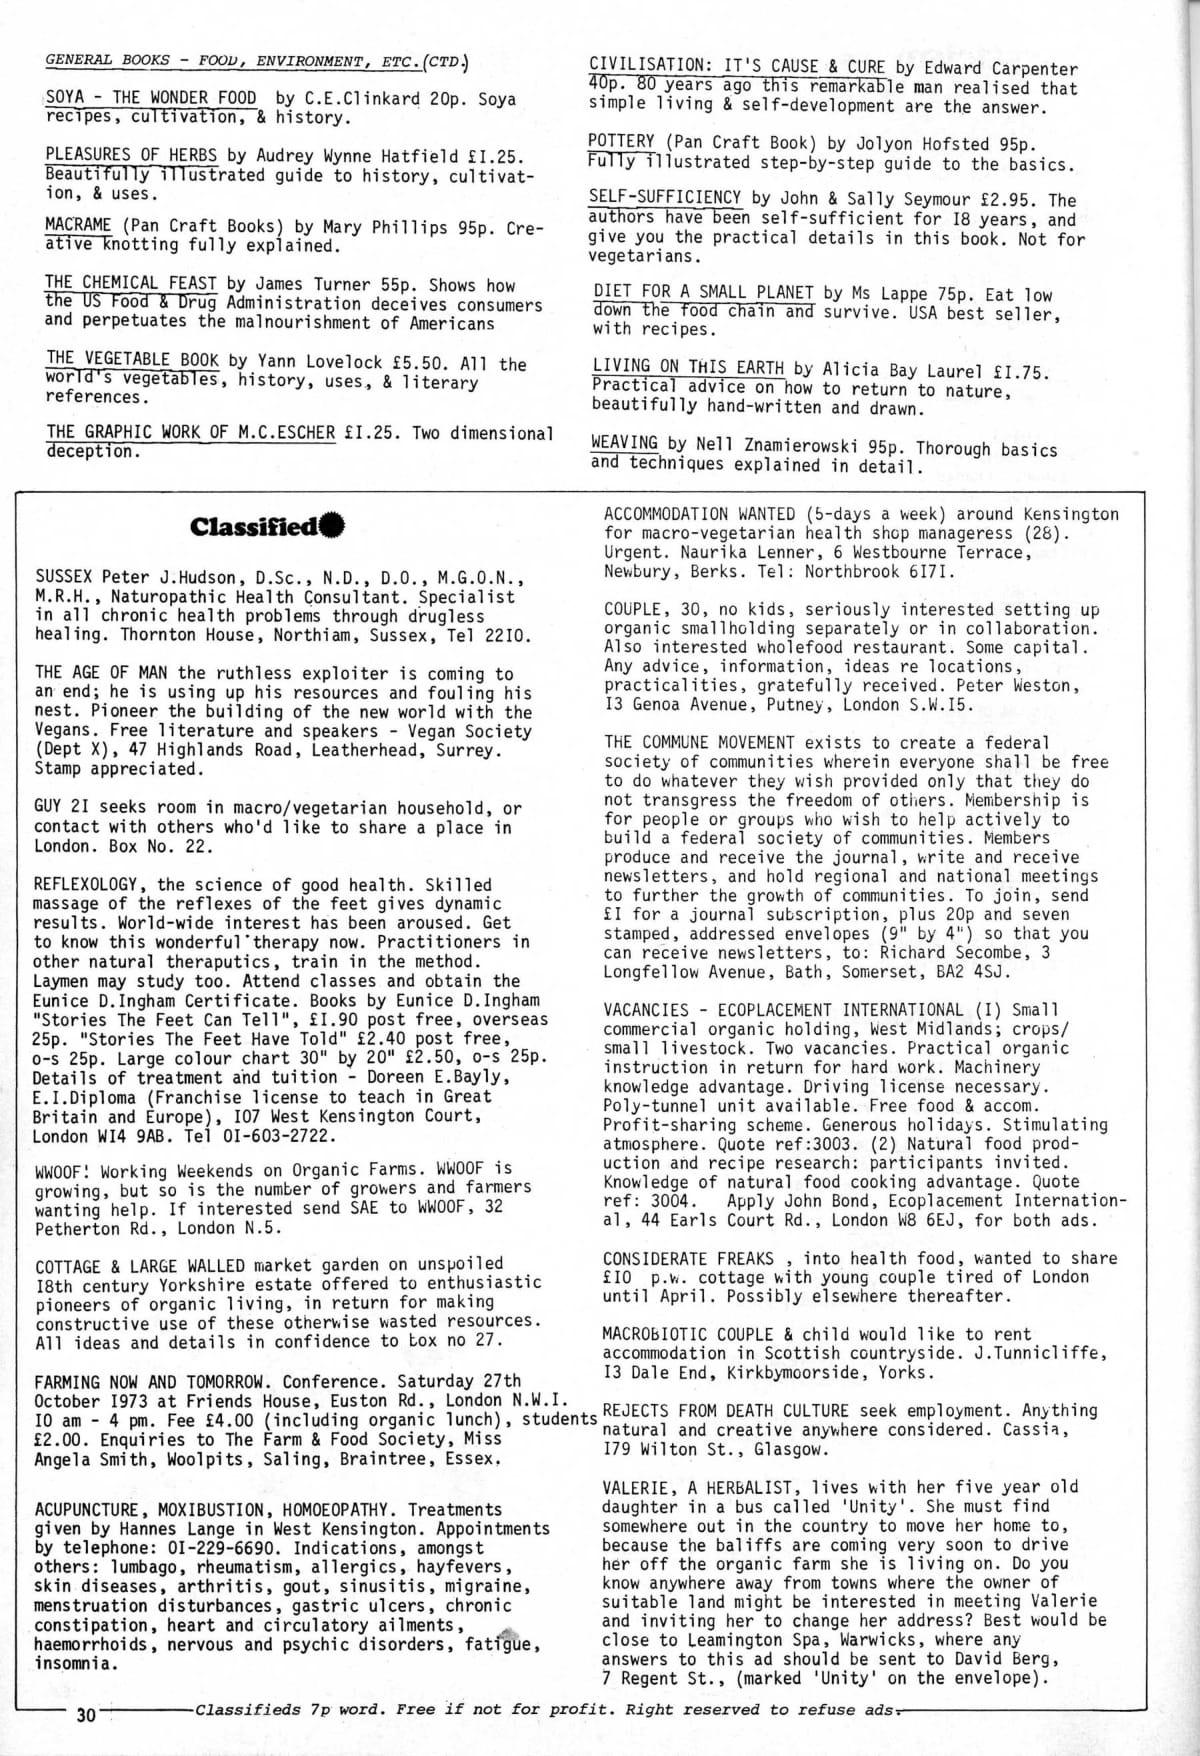 seed-v2-n9-sept1973-30.jpg